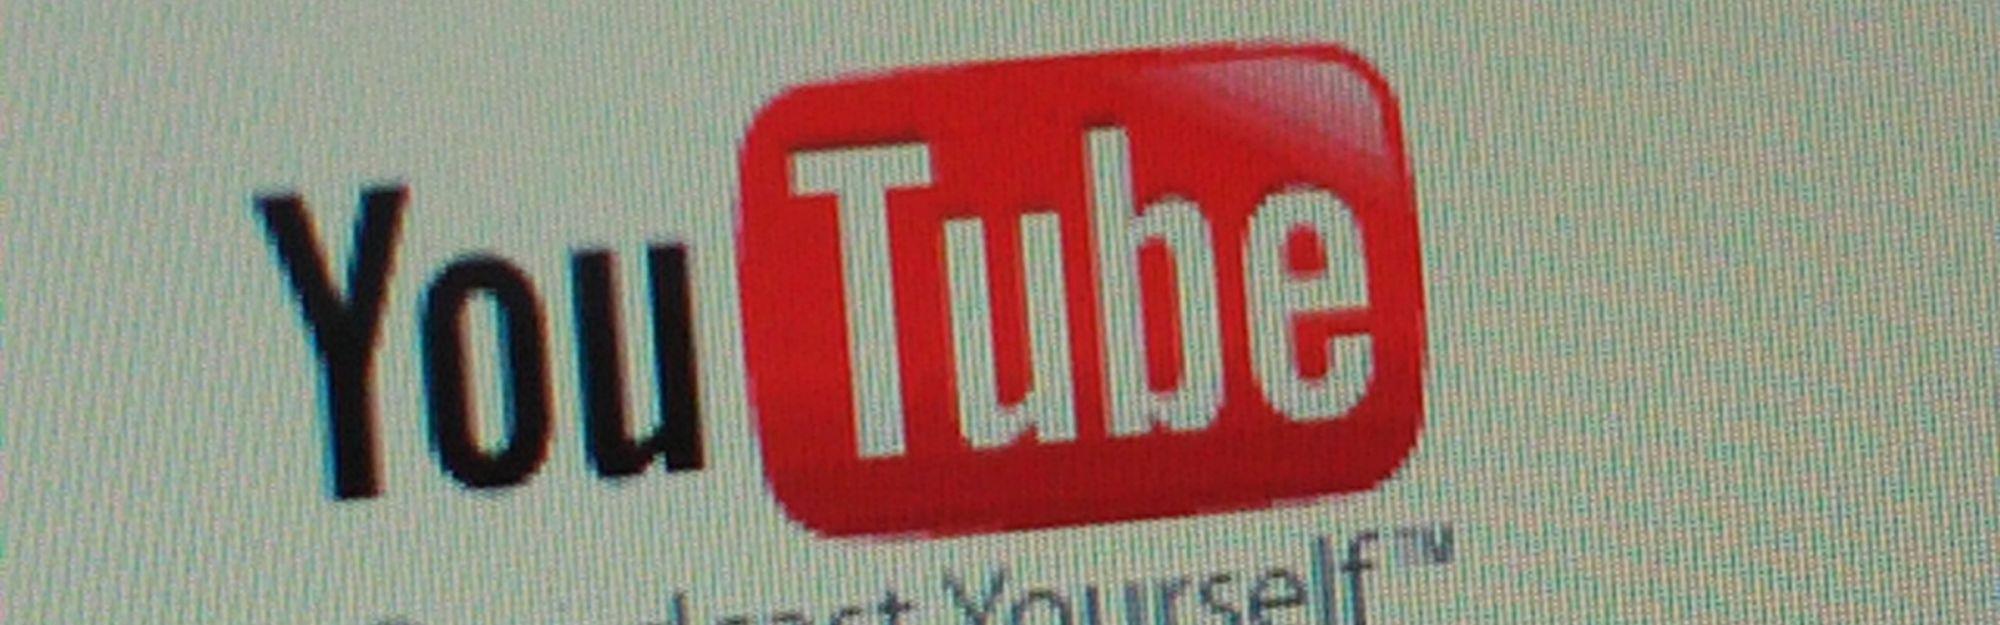 Wie lade ich Musik von YouTube runter?